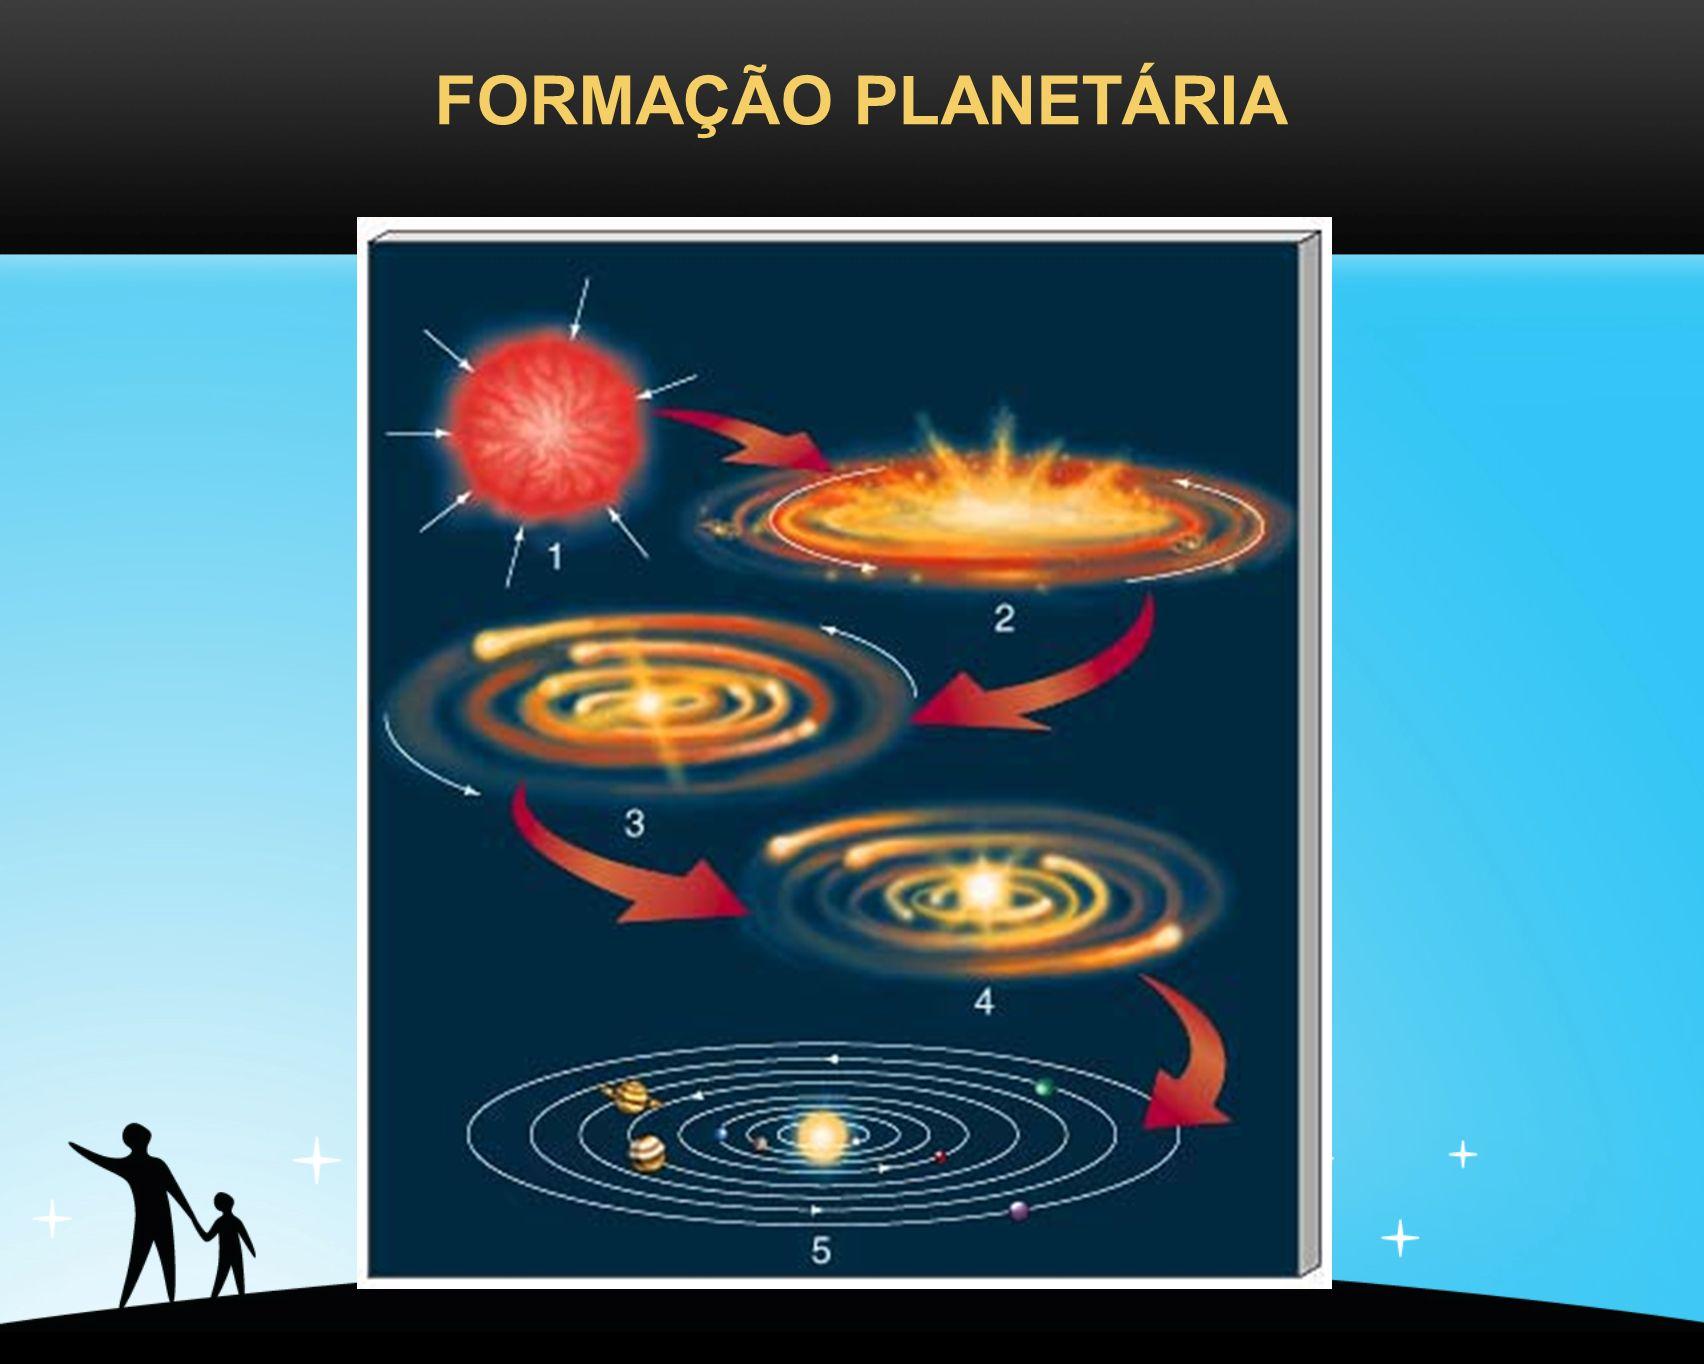 FORMAÇÃO PLANETÁRIA